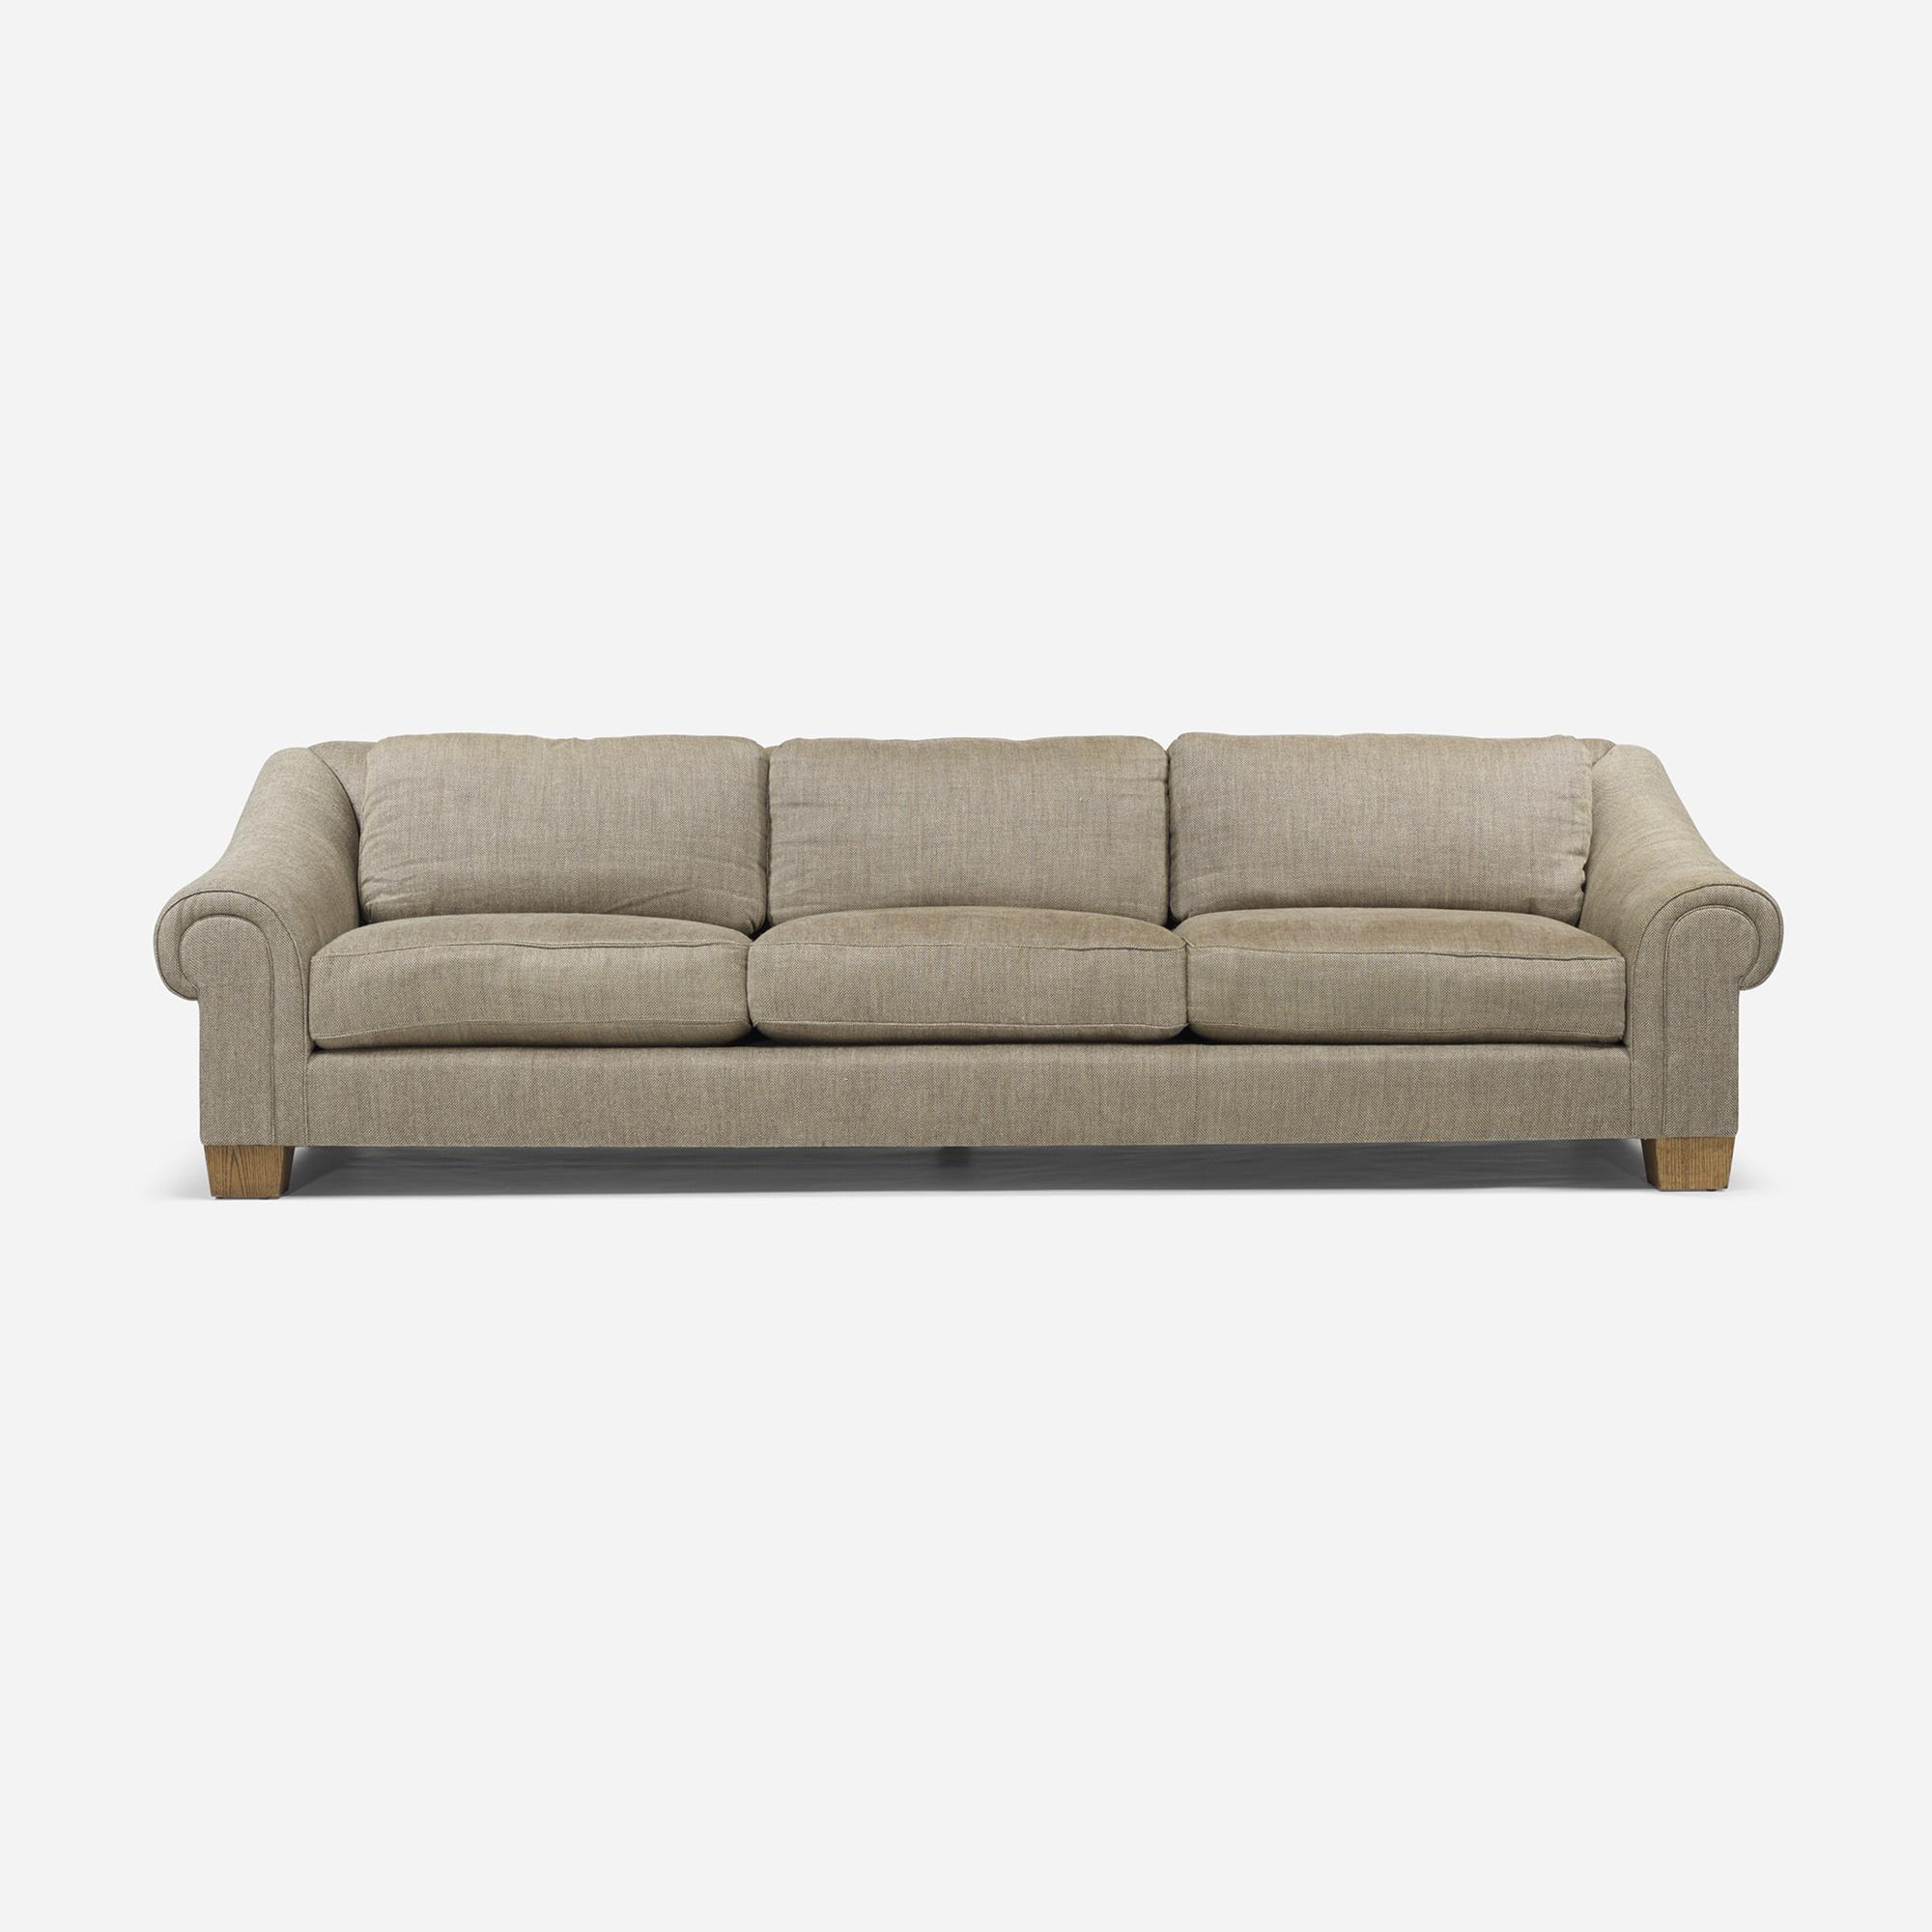 215: Contemporary / sofa (1 of 2)